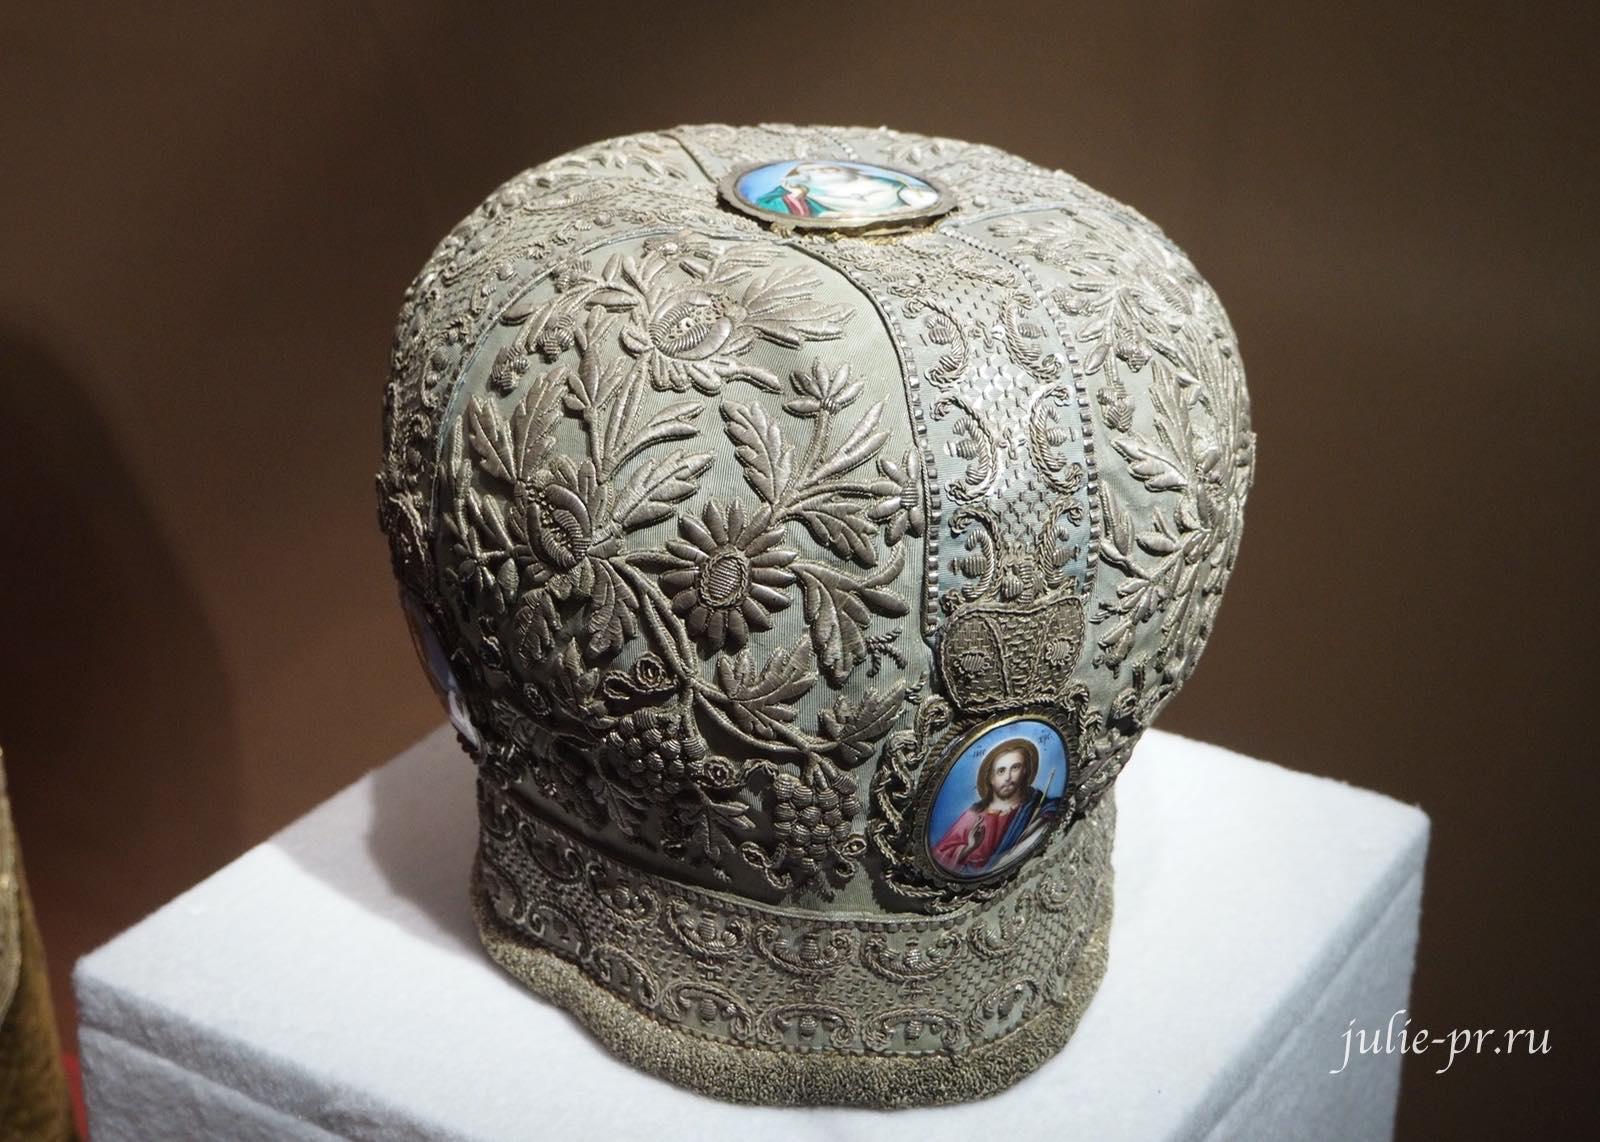 Митра (Московская губерния, последняя четверть XVIII века): серебряные нити, серебро, канитель, блёстки; ткачество, орнаментальное шитьё, эмаль, золочение